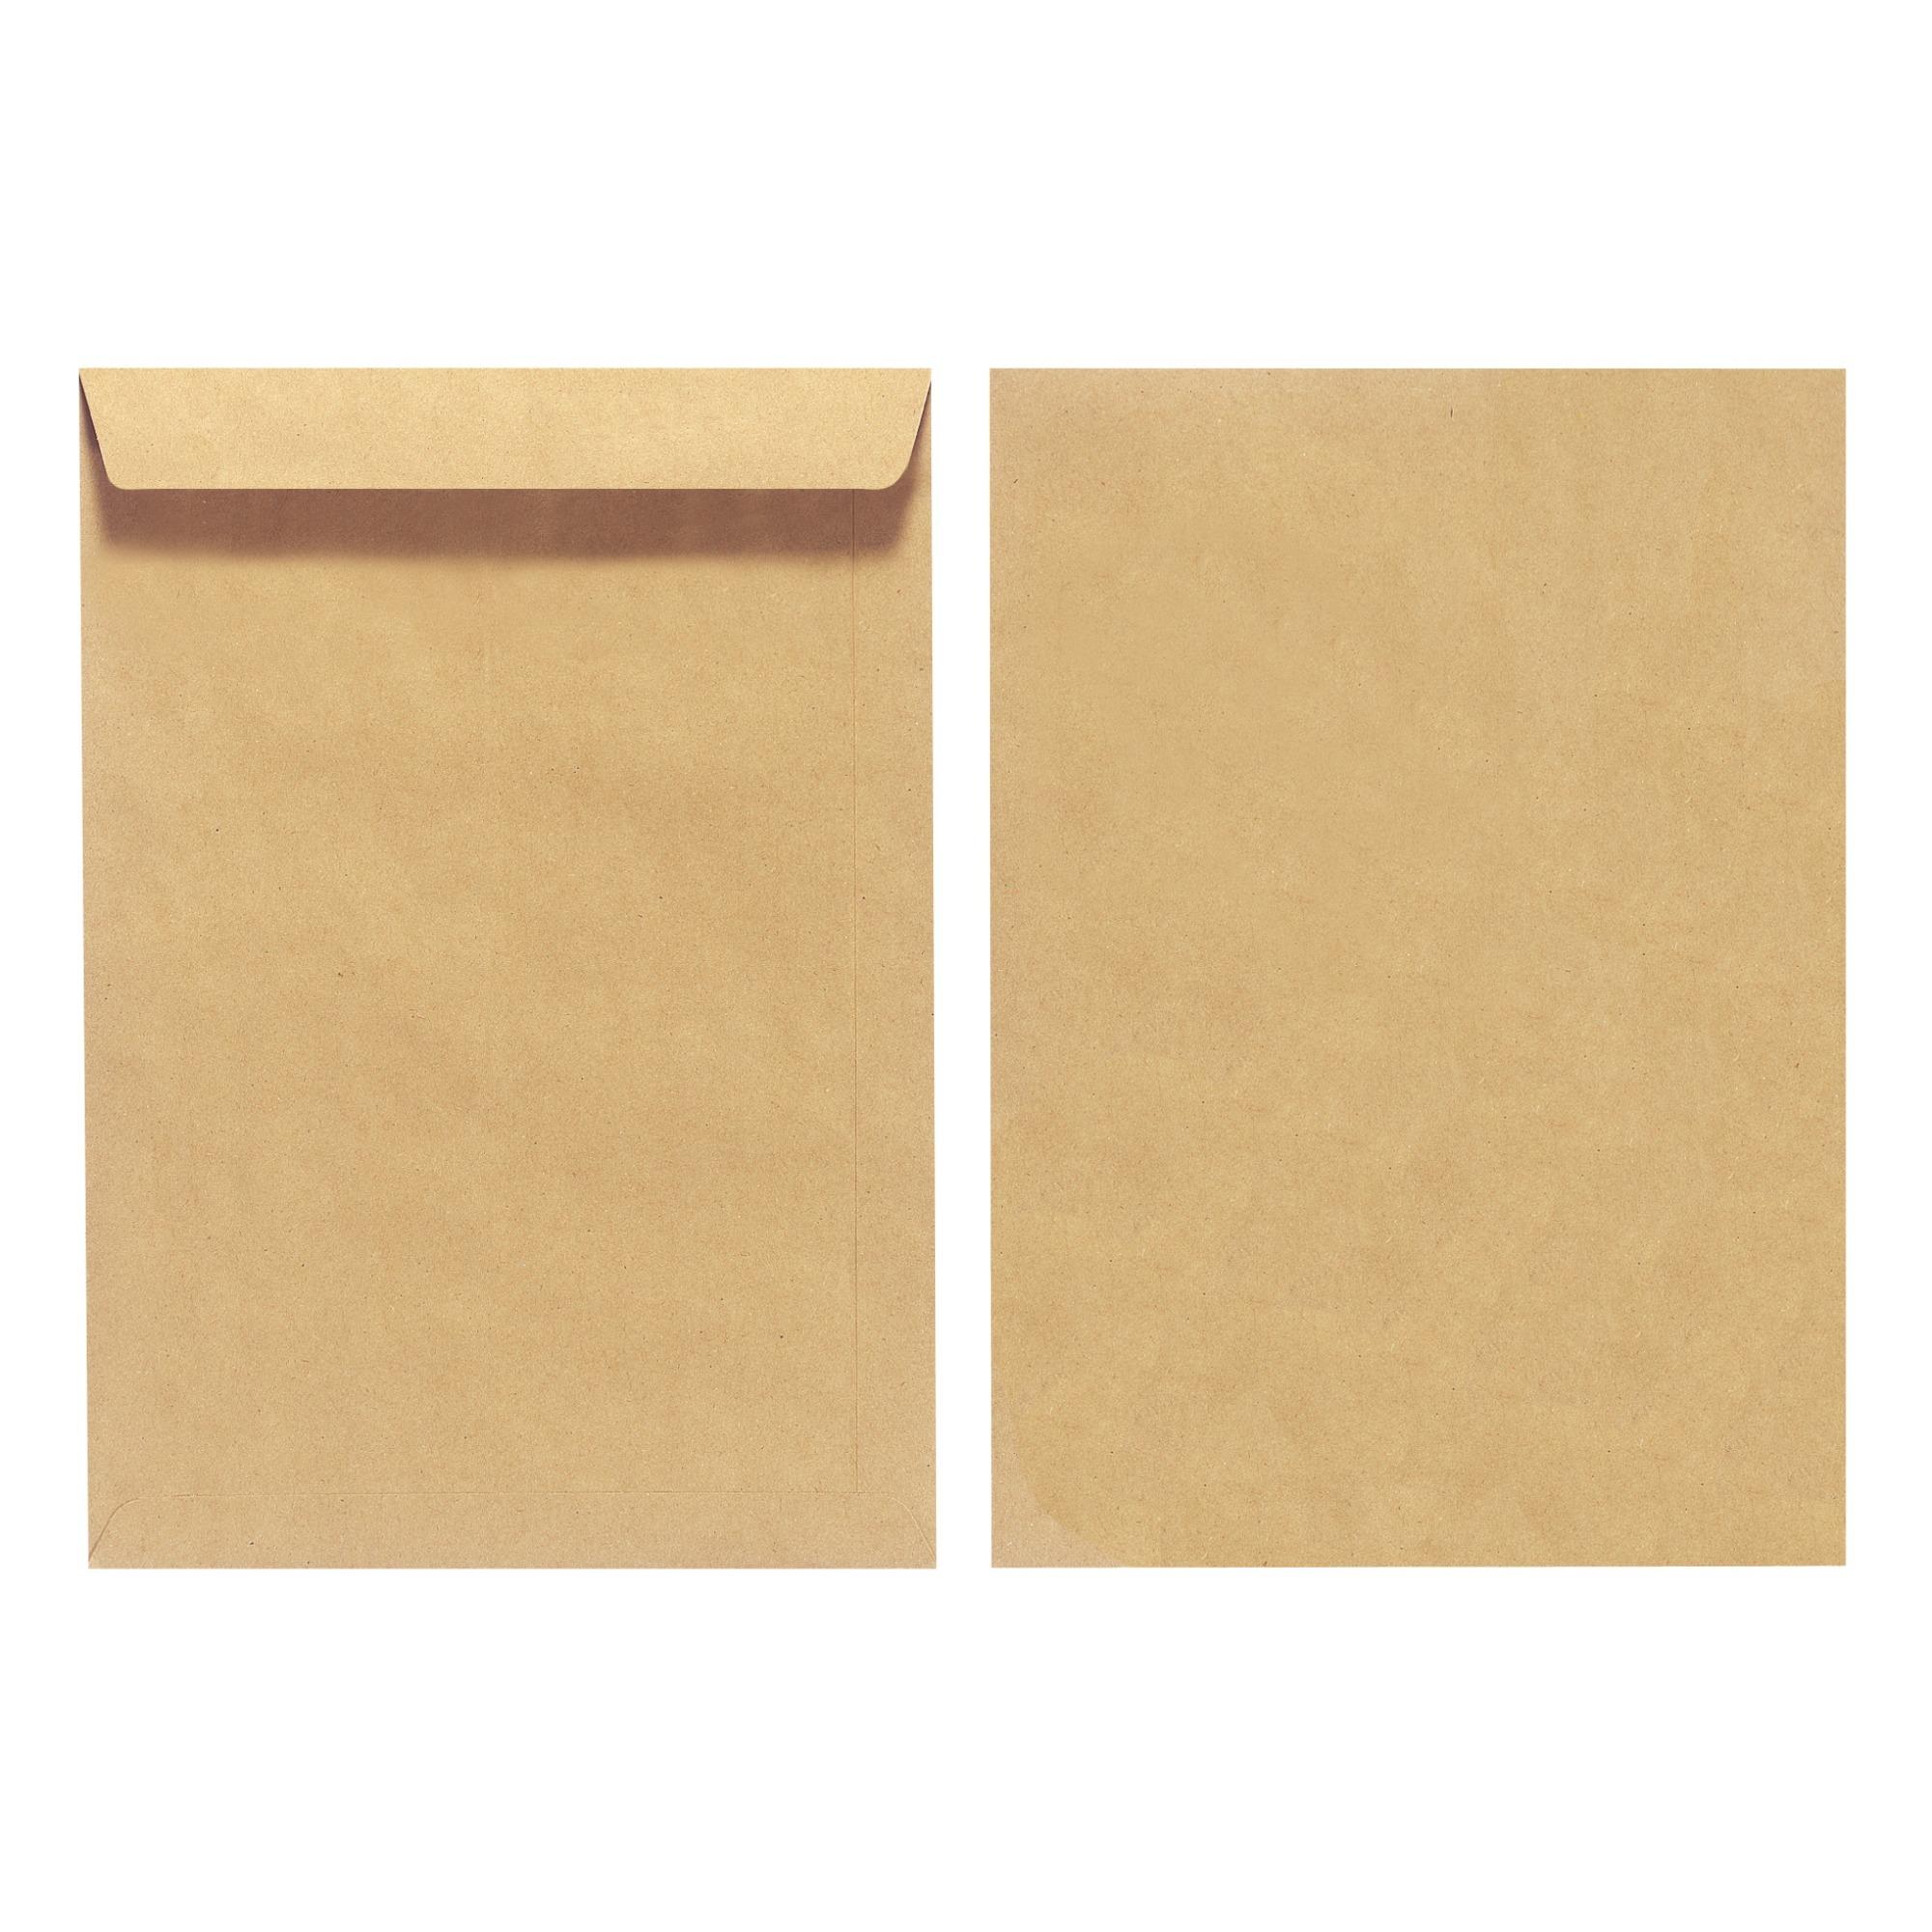 10388379 Cartón Marrón sobre, Bolsa de envío